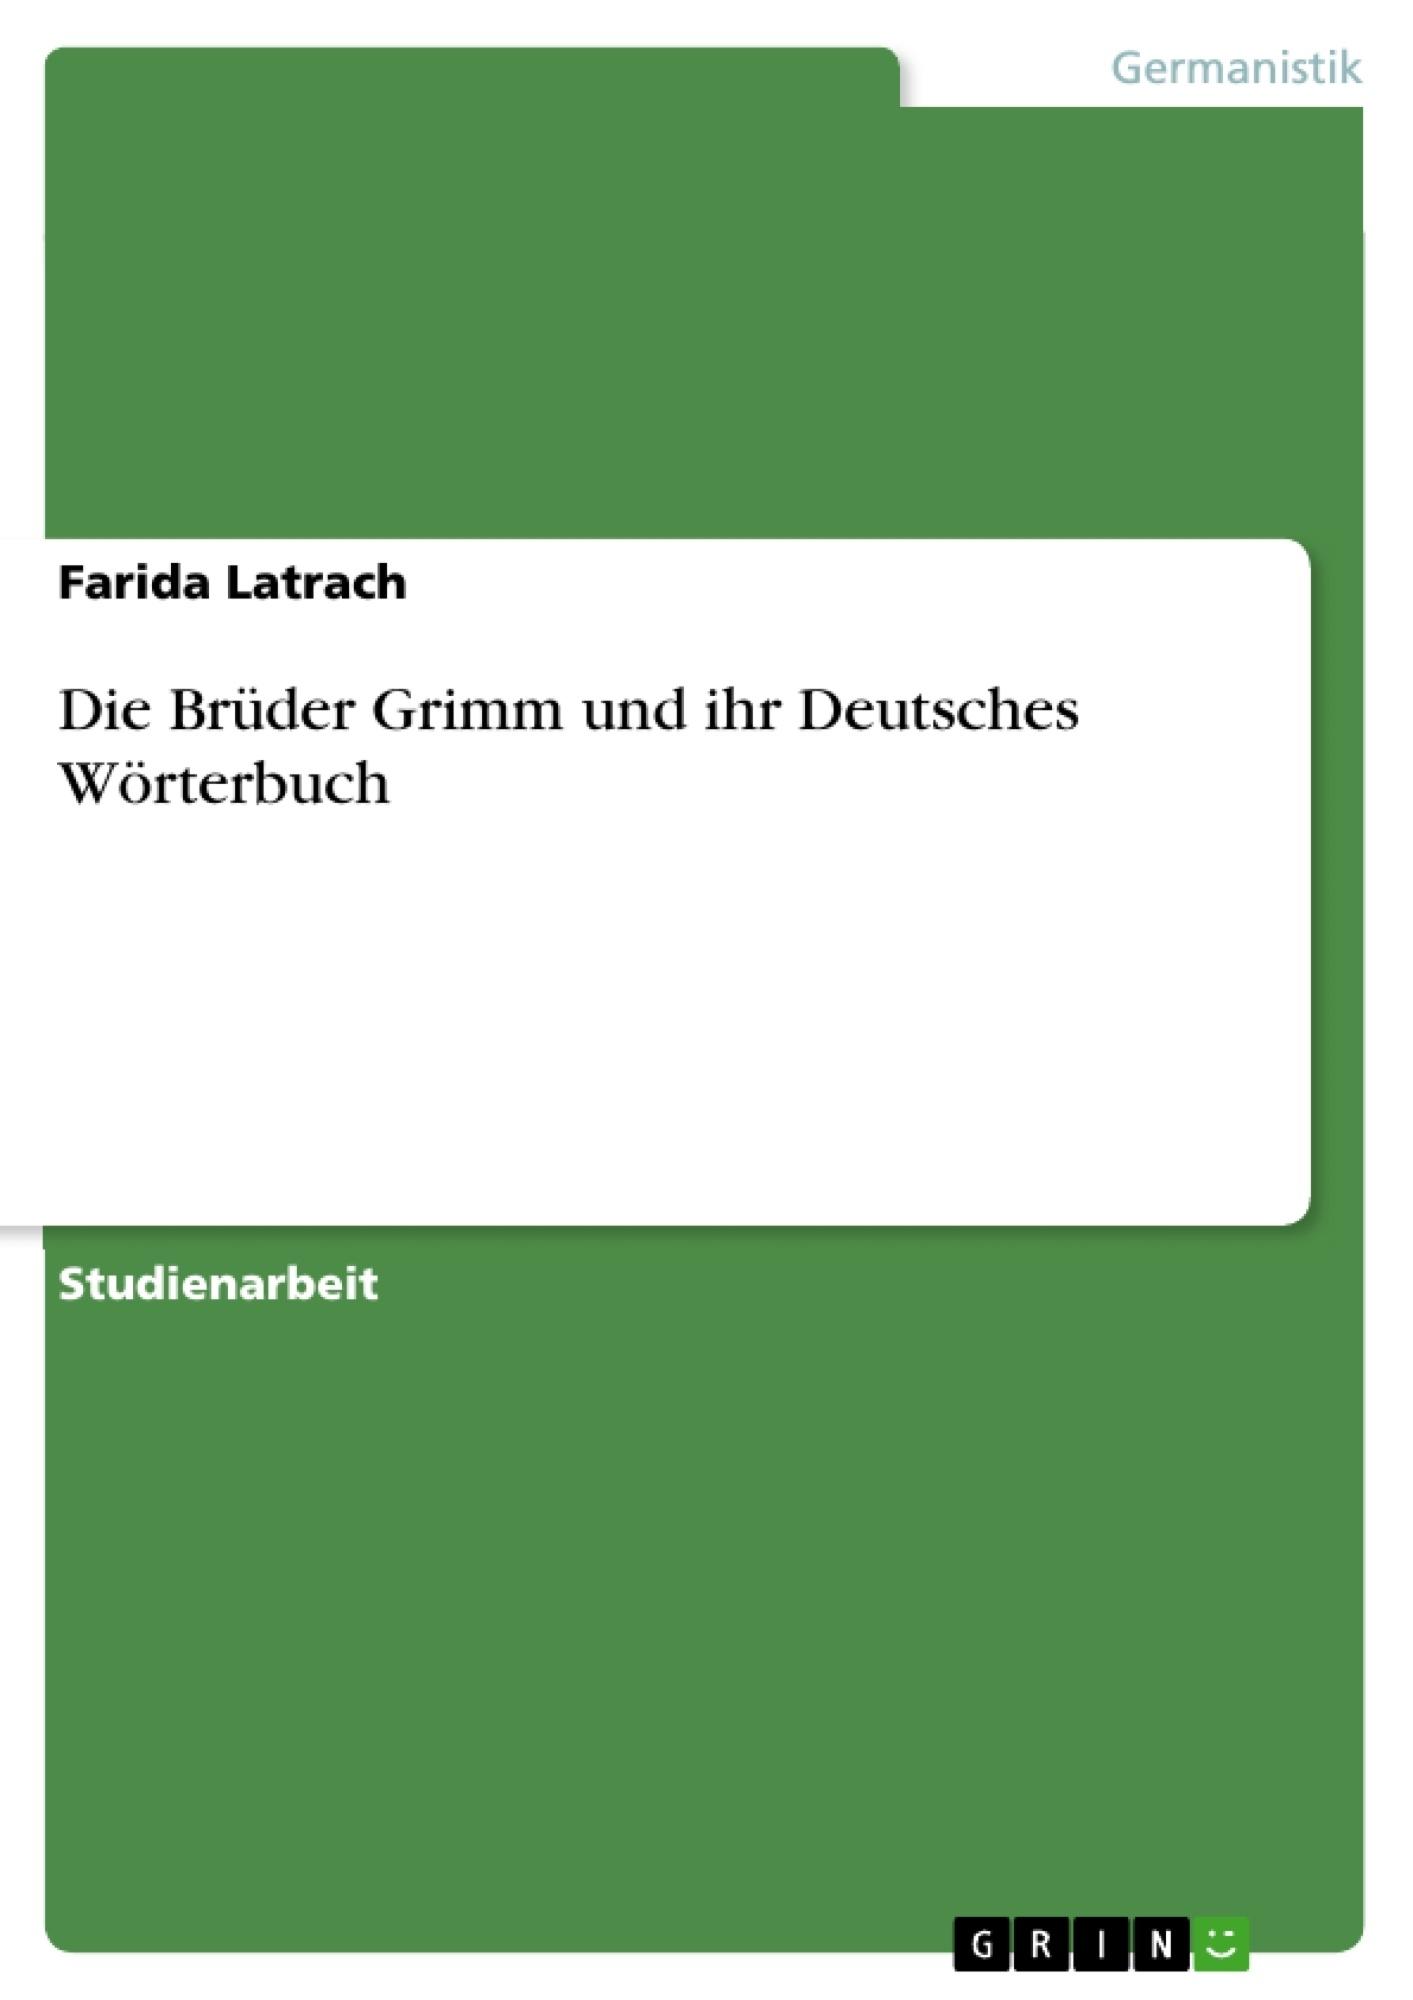 Titel: Die Brüder Grimm und ihr Deutsches Wörterbuch